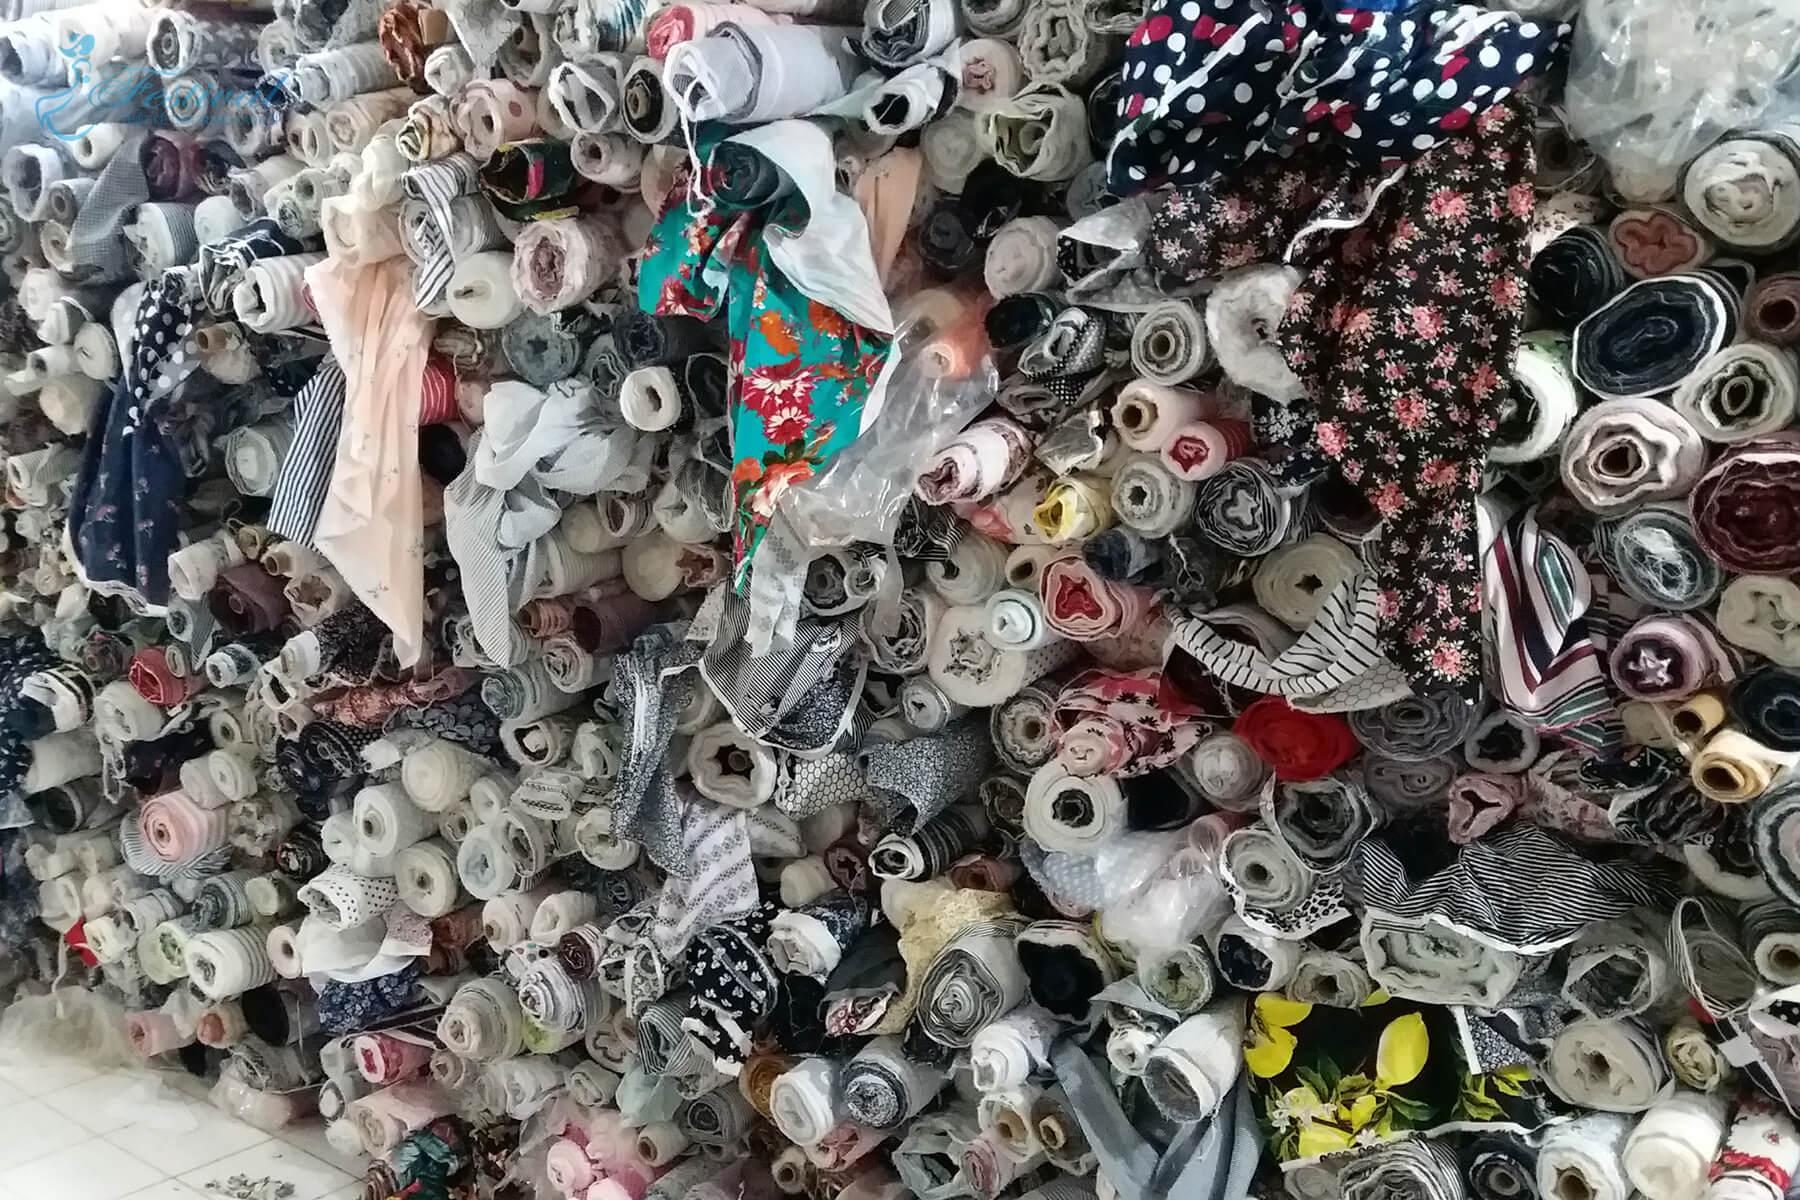 Kinh nghiệm chọn và bảo quản vải lanh - Vải lanh là gì? Sự lựa chọn hợp lý nhất cho mùa hè